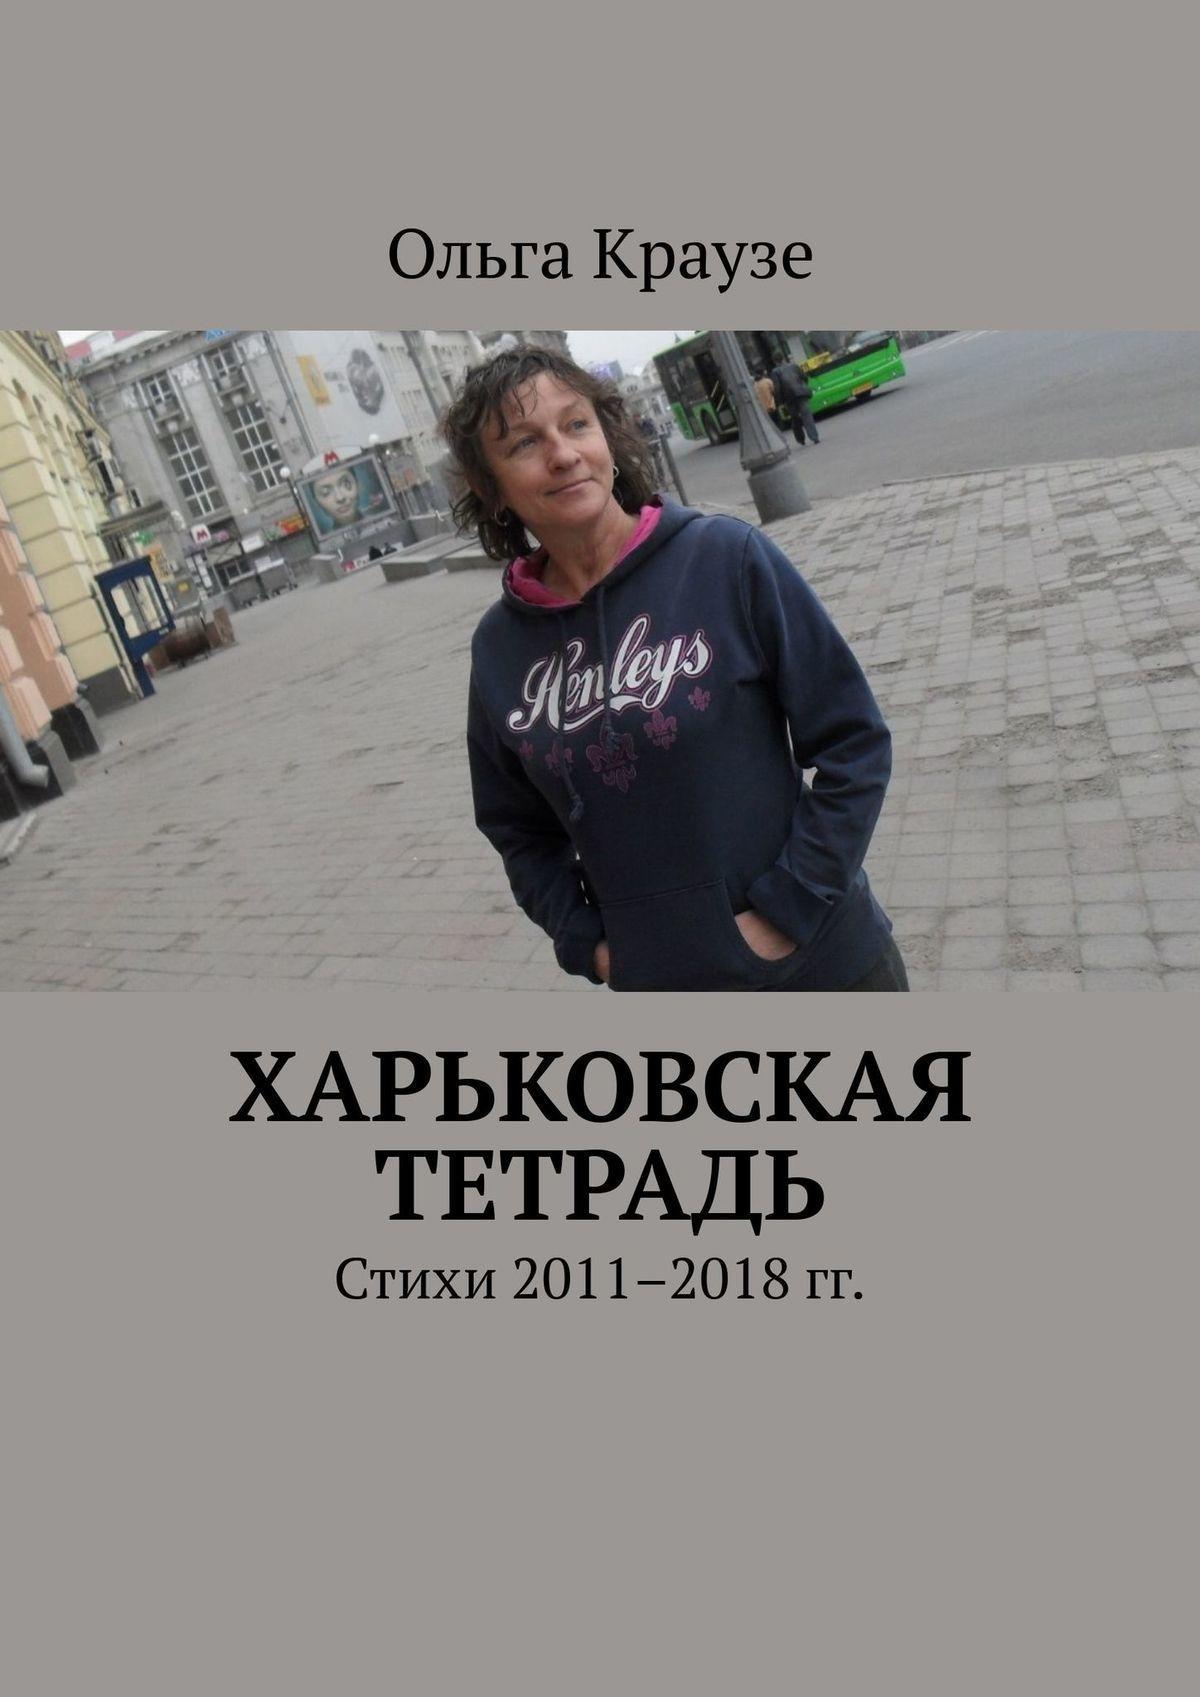 Ольга Краузе Харьковская тетрадь. Стихи 2011–2018 гг.